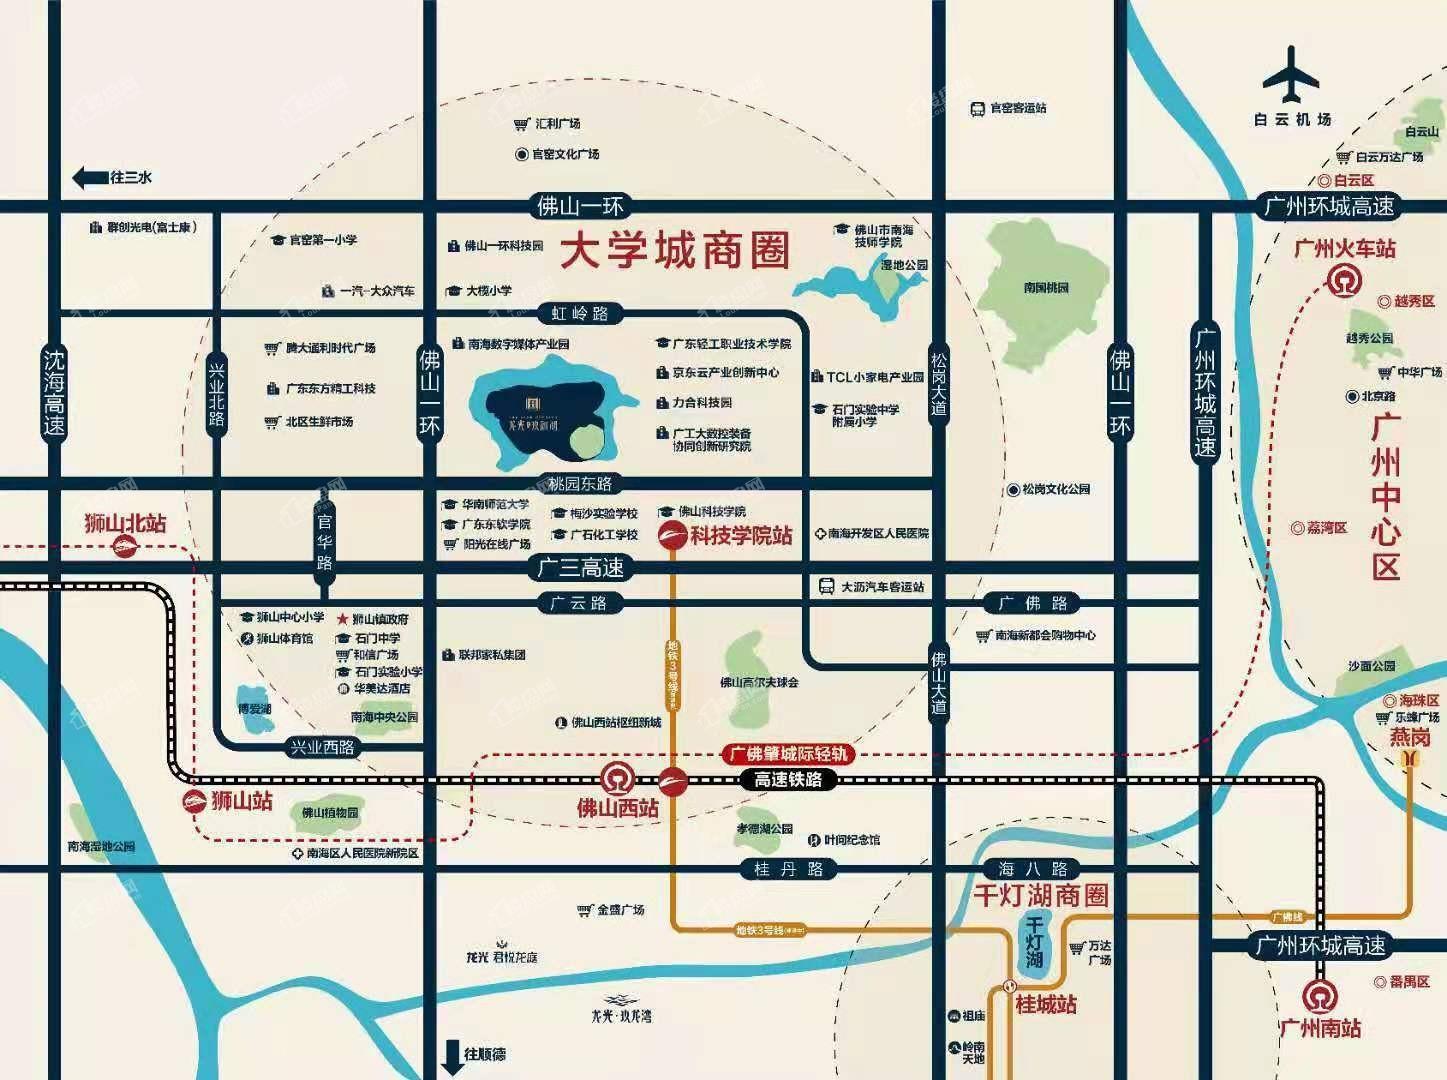 龙光玖御湖位置图